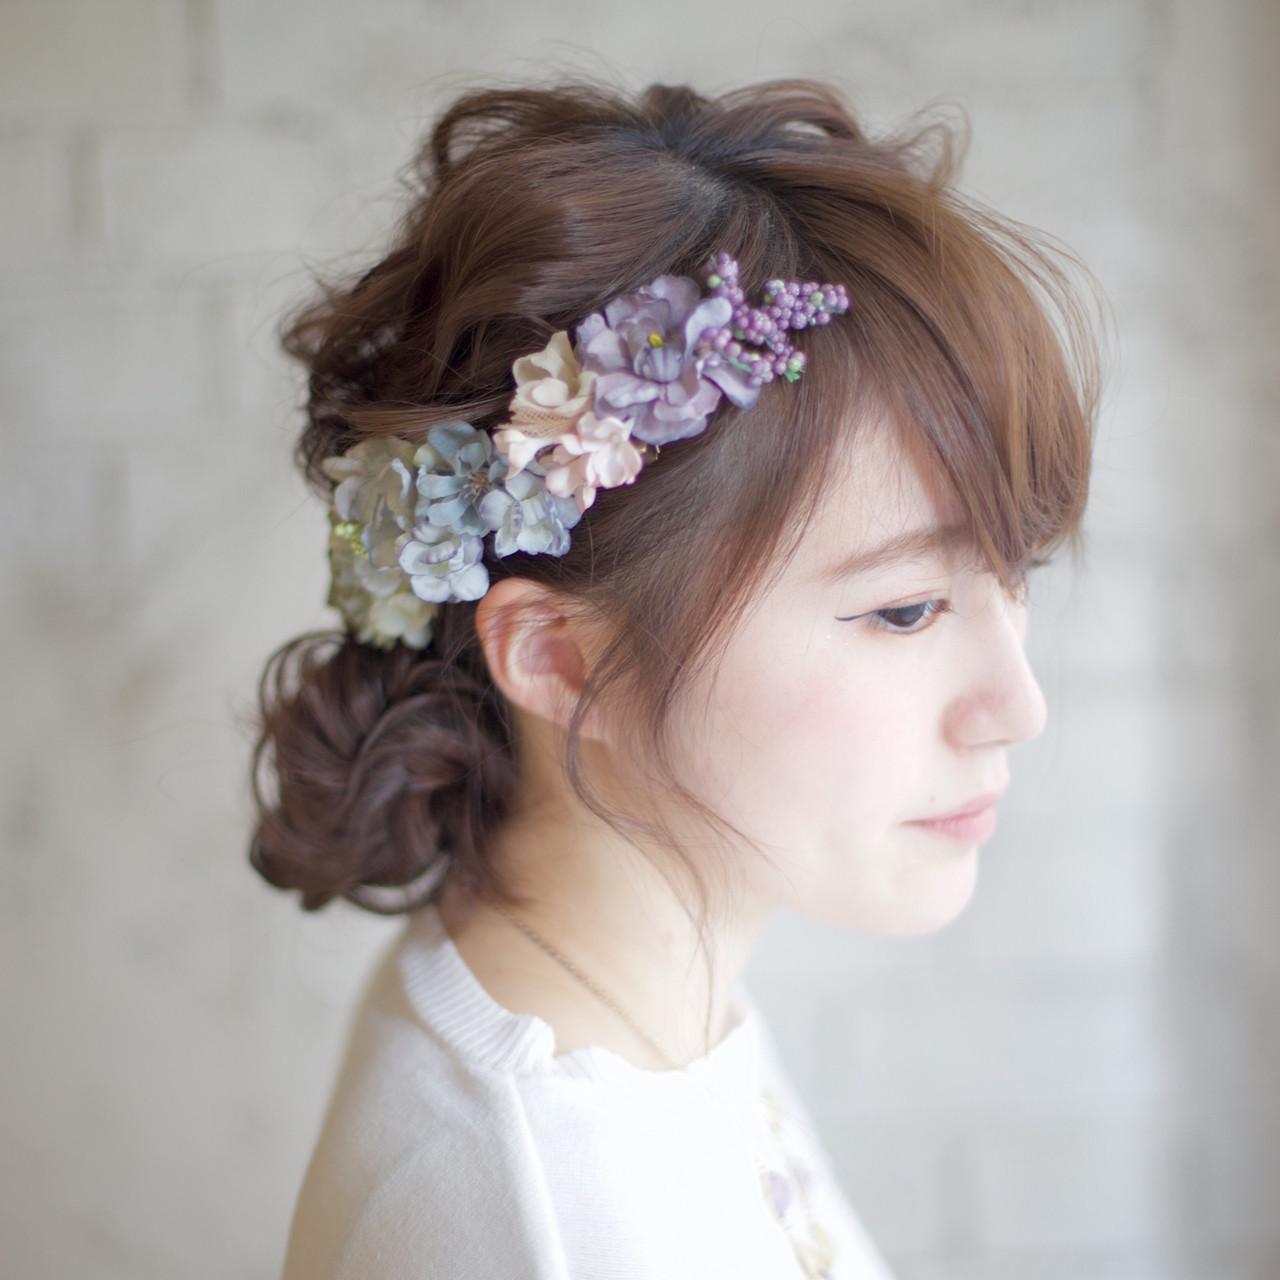 結婚式 ヘアアレンジ セミロング ショート ヘアスタイルや髪型の写真・画像